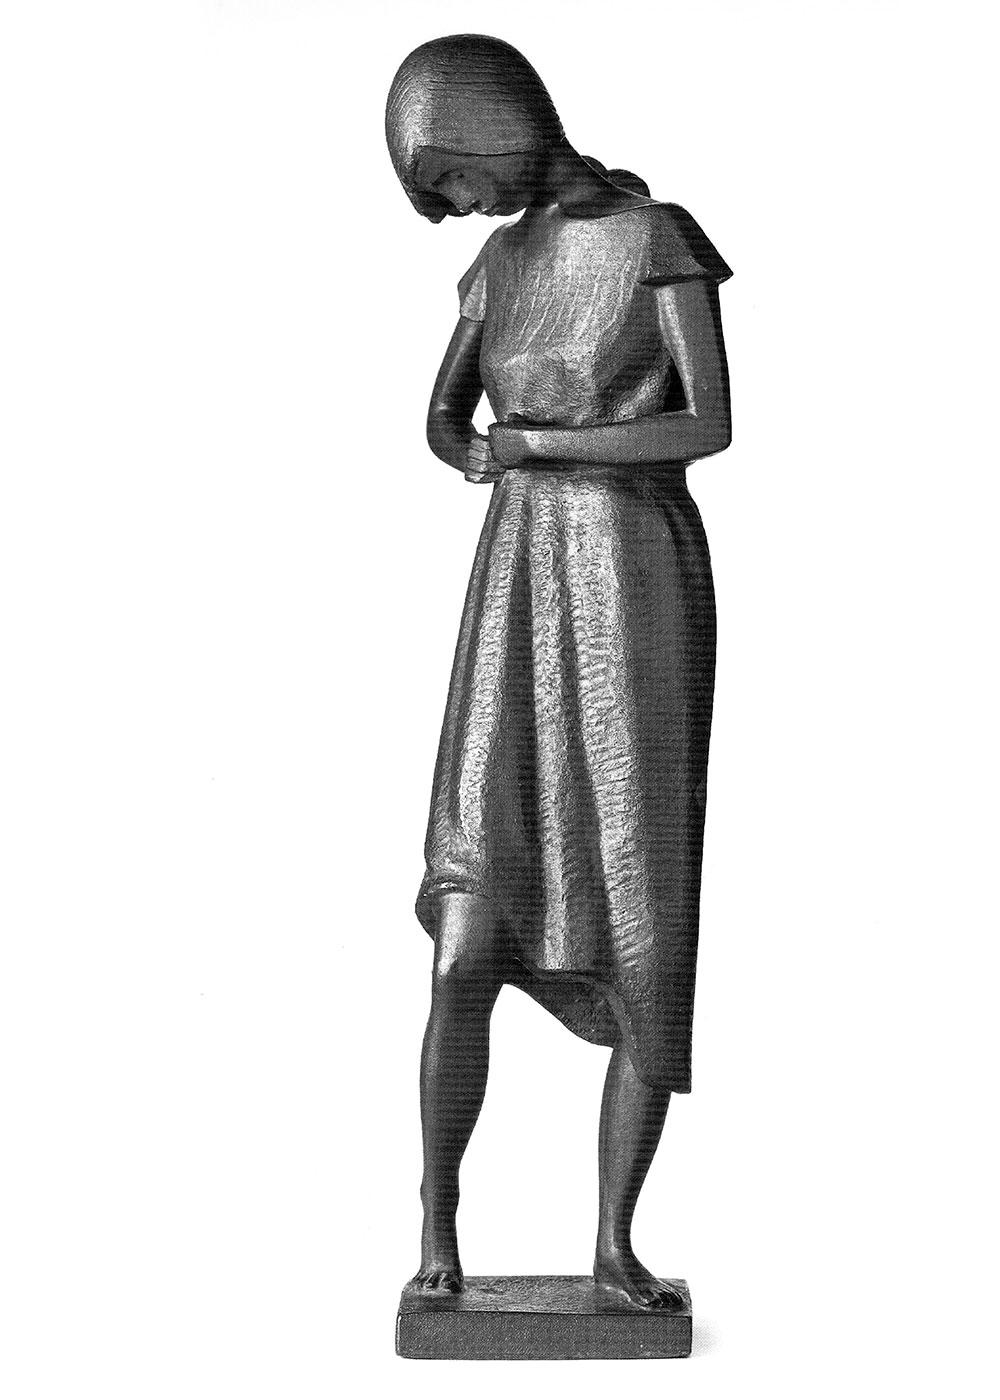 Gürtelbinderin • 33cm • Bronze • 1966